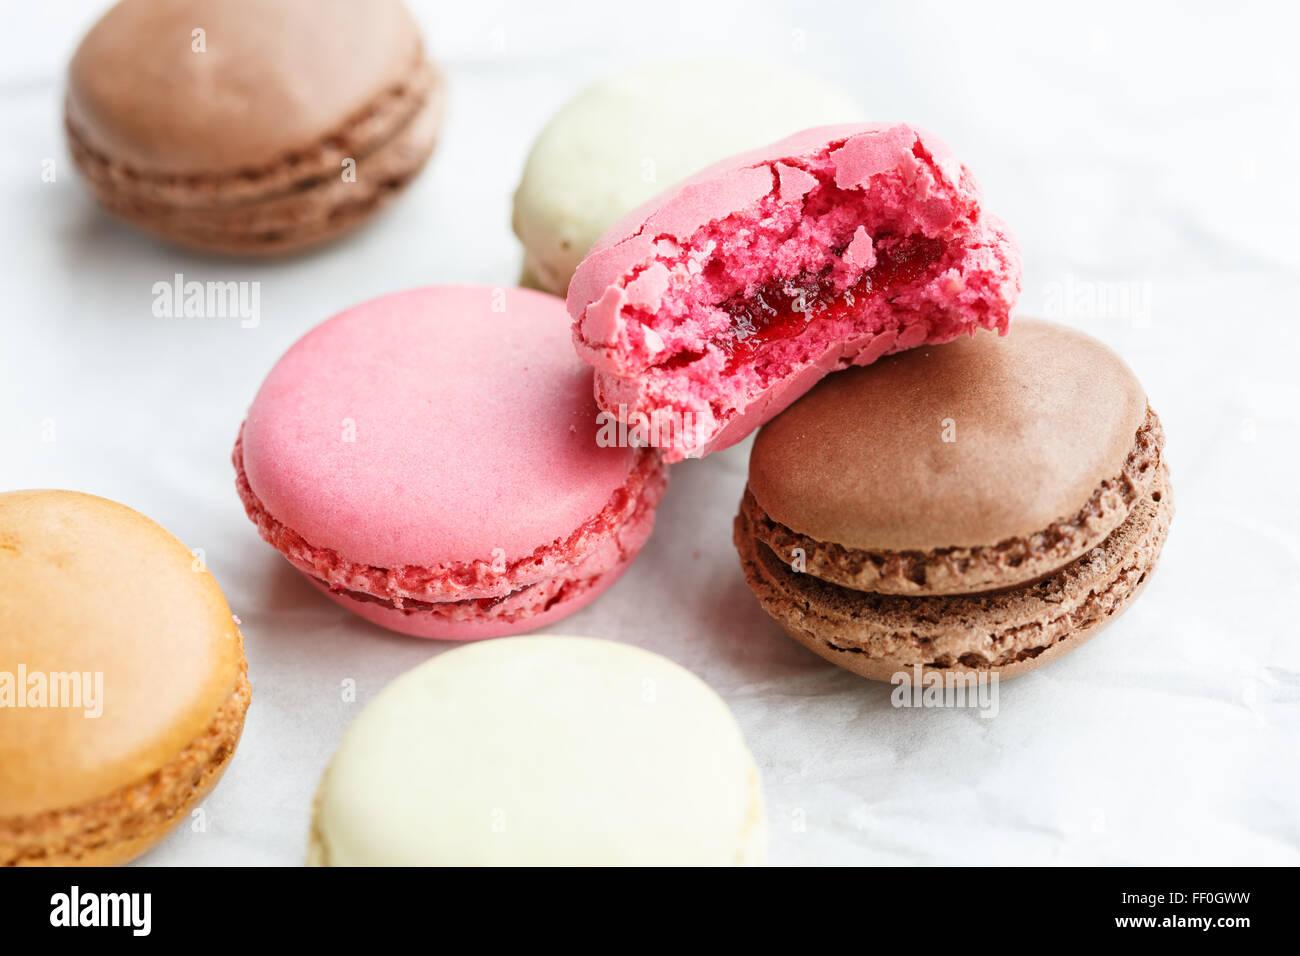 Macaron (piccola torta francese), uno parzialmente consumato Immagini Stock